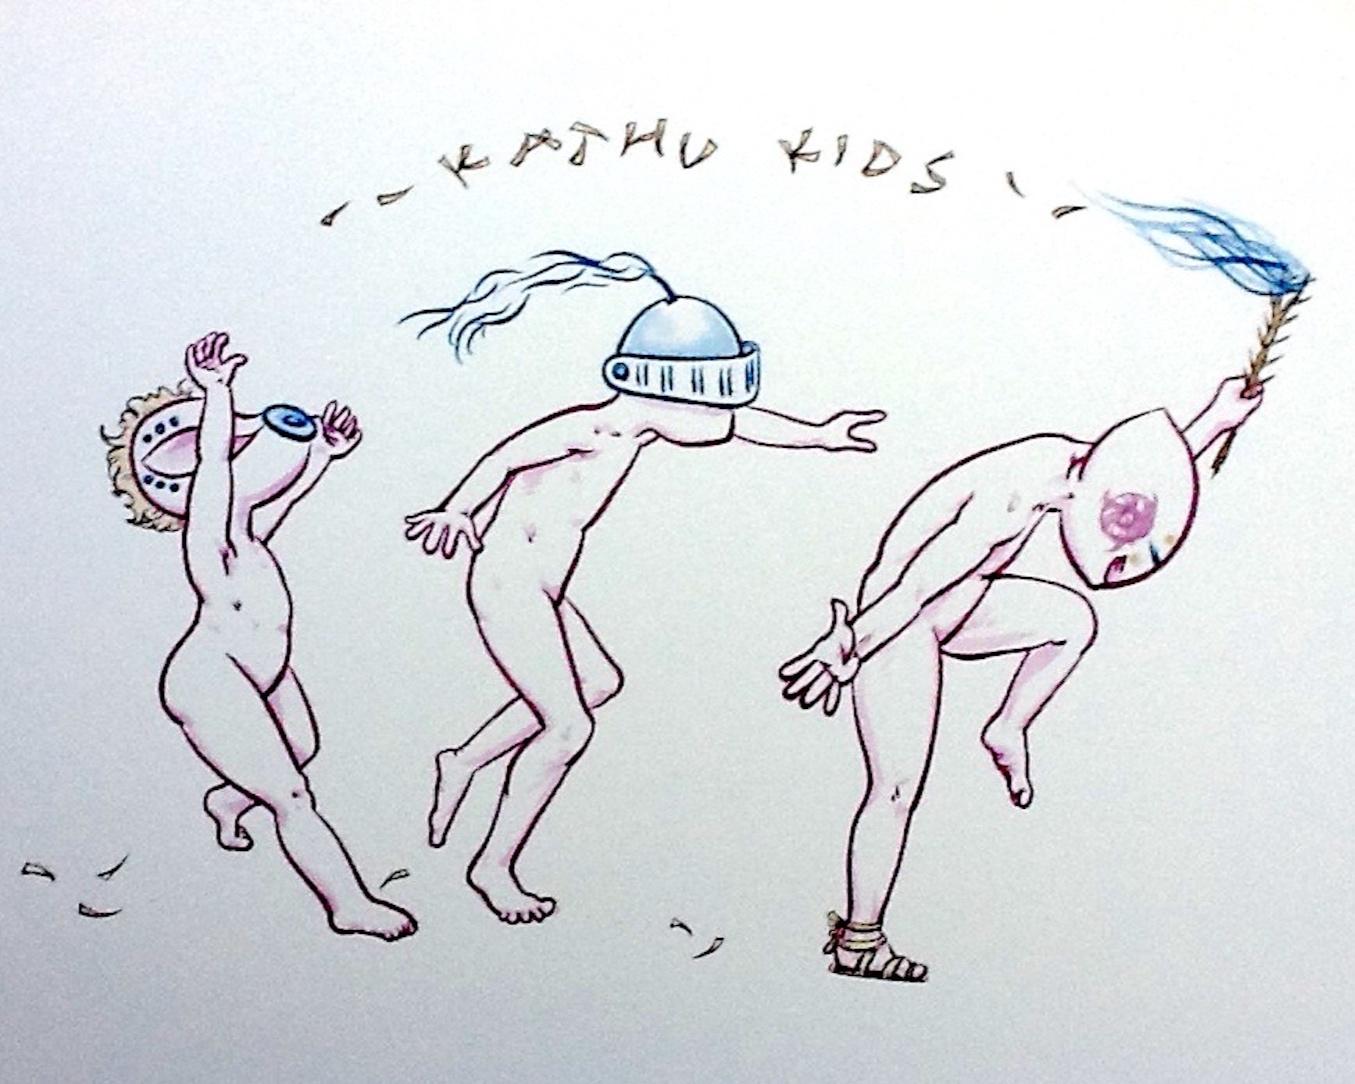 kathu-kids_art-by-tyler-cohen_for-naprock.jpg